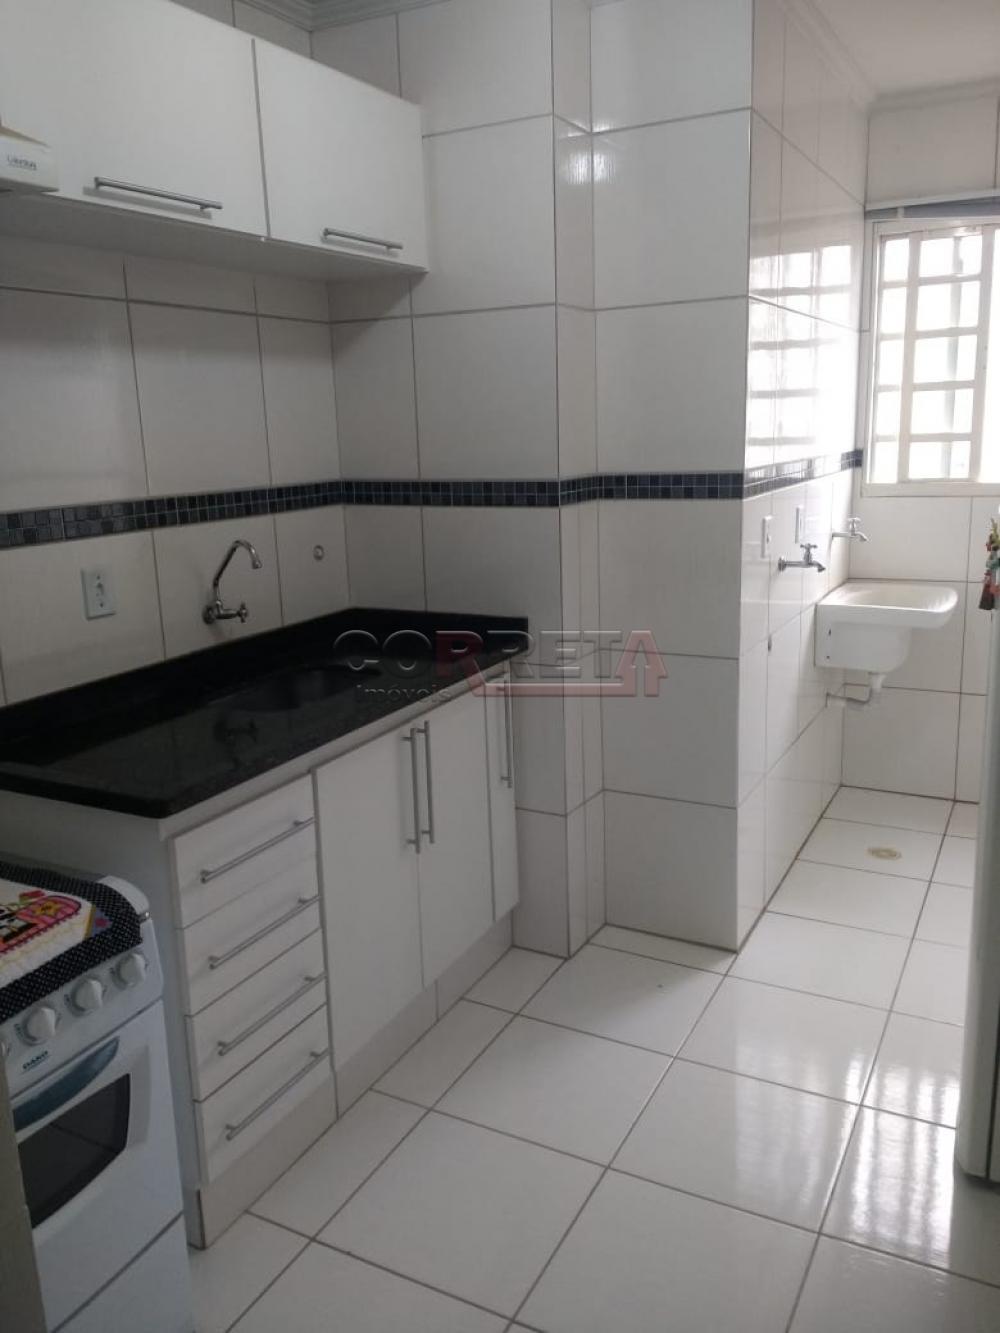 Comprar Apartamento / Padrão em Araçatuba R$ 130.000,00 - Foto 7